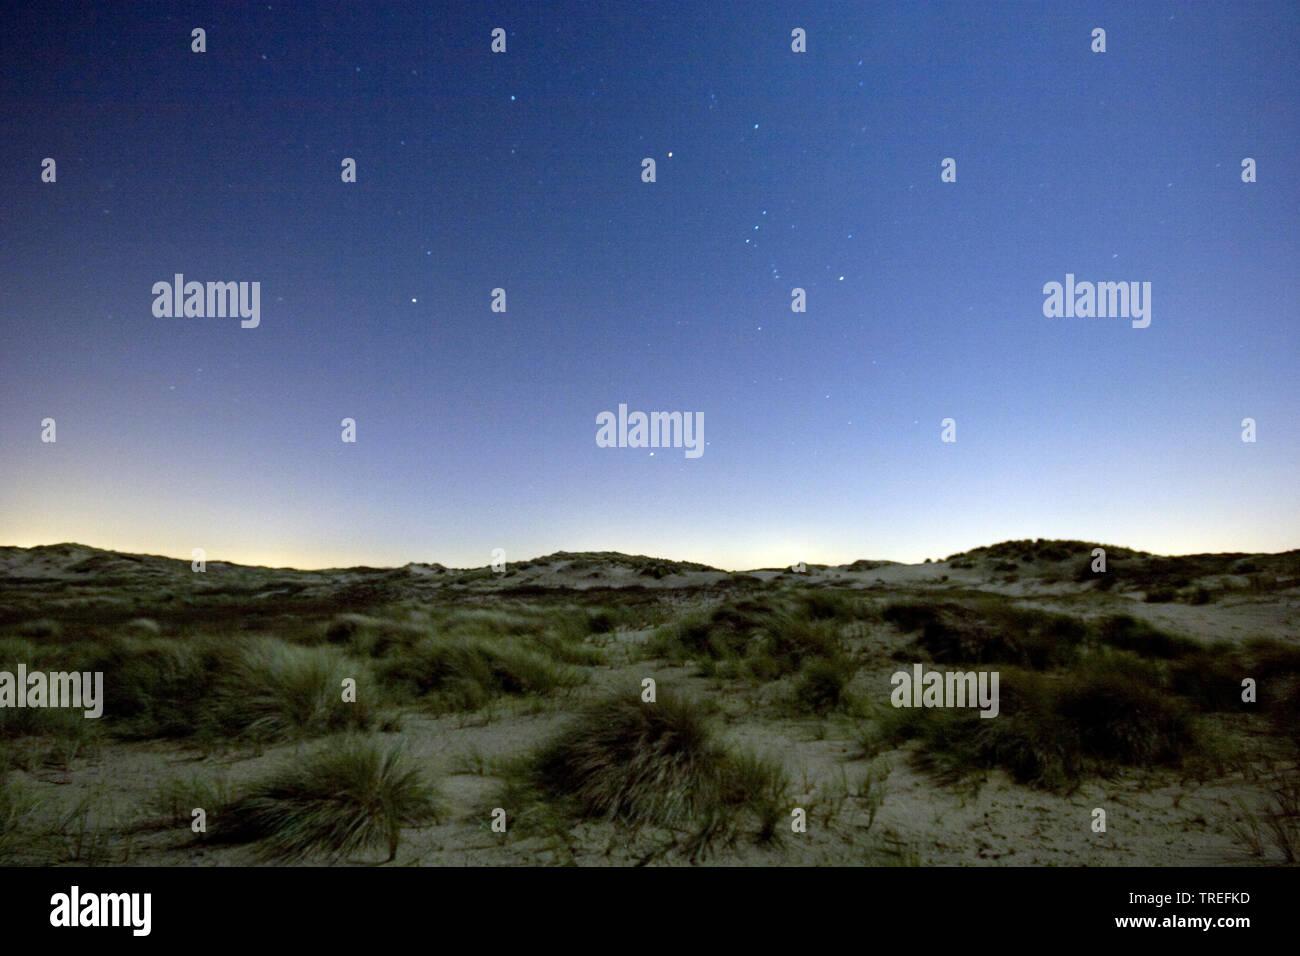 Nachthimmel ueber Duenen, Niederlande, Katwijk    Nightsky above dunes, Netherlands, Katwijk    BLWS525415.jpg [ (c) blickwinkel/AGAMI/A. Meijer Tel. - Stock Image